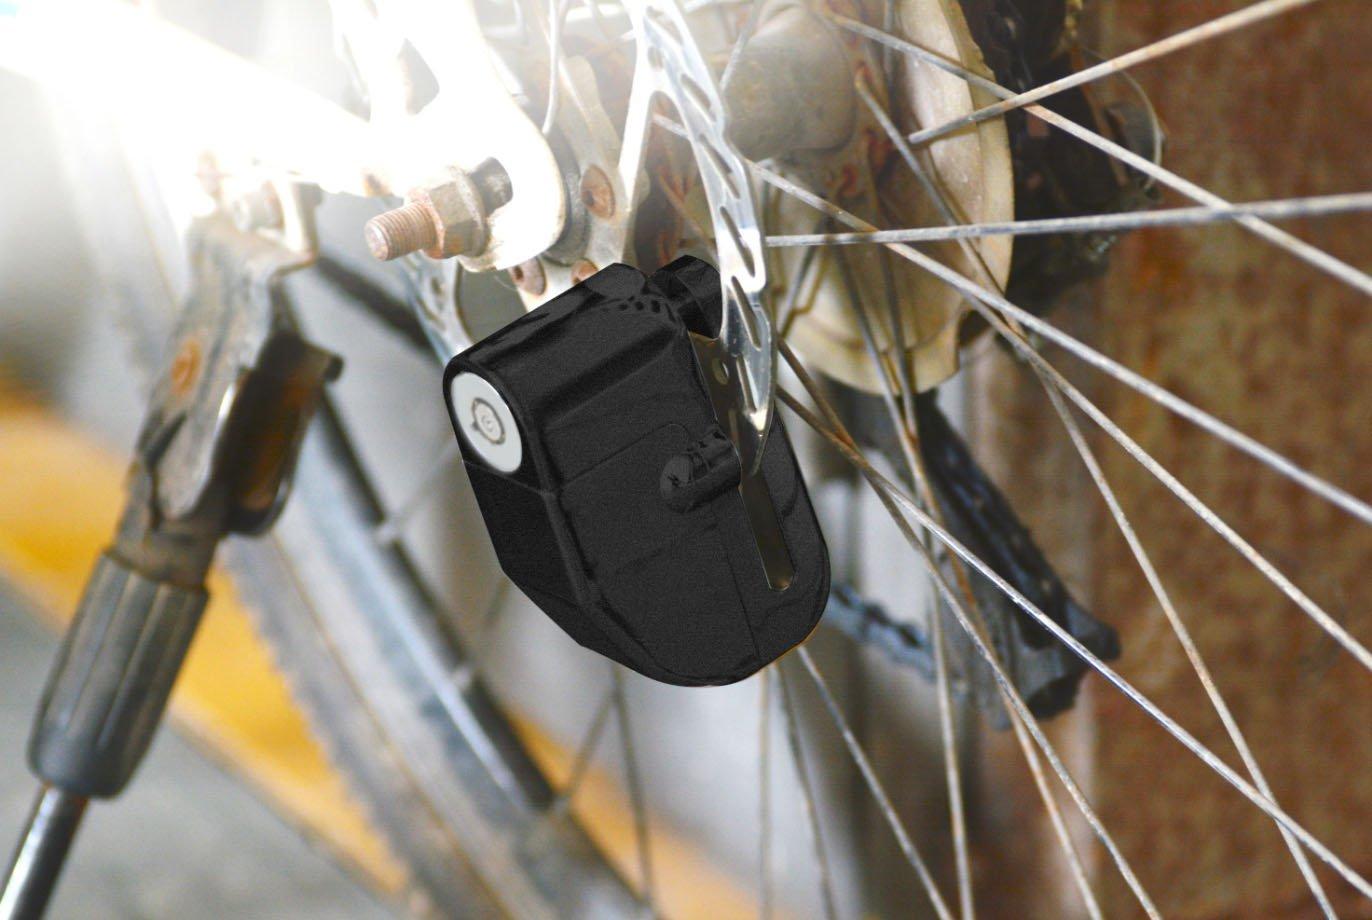 Silber AGPTEK Bremsscheibenschloss f/ür Motorrad und Fahrrad mit Ersch/ütterungsalarm